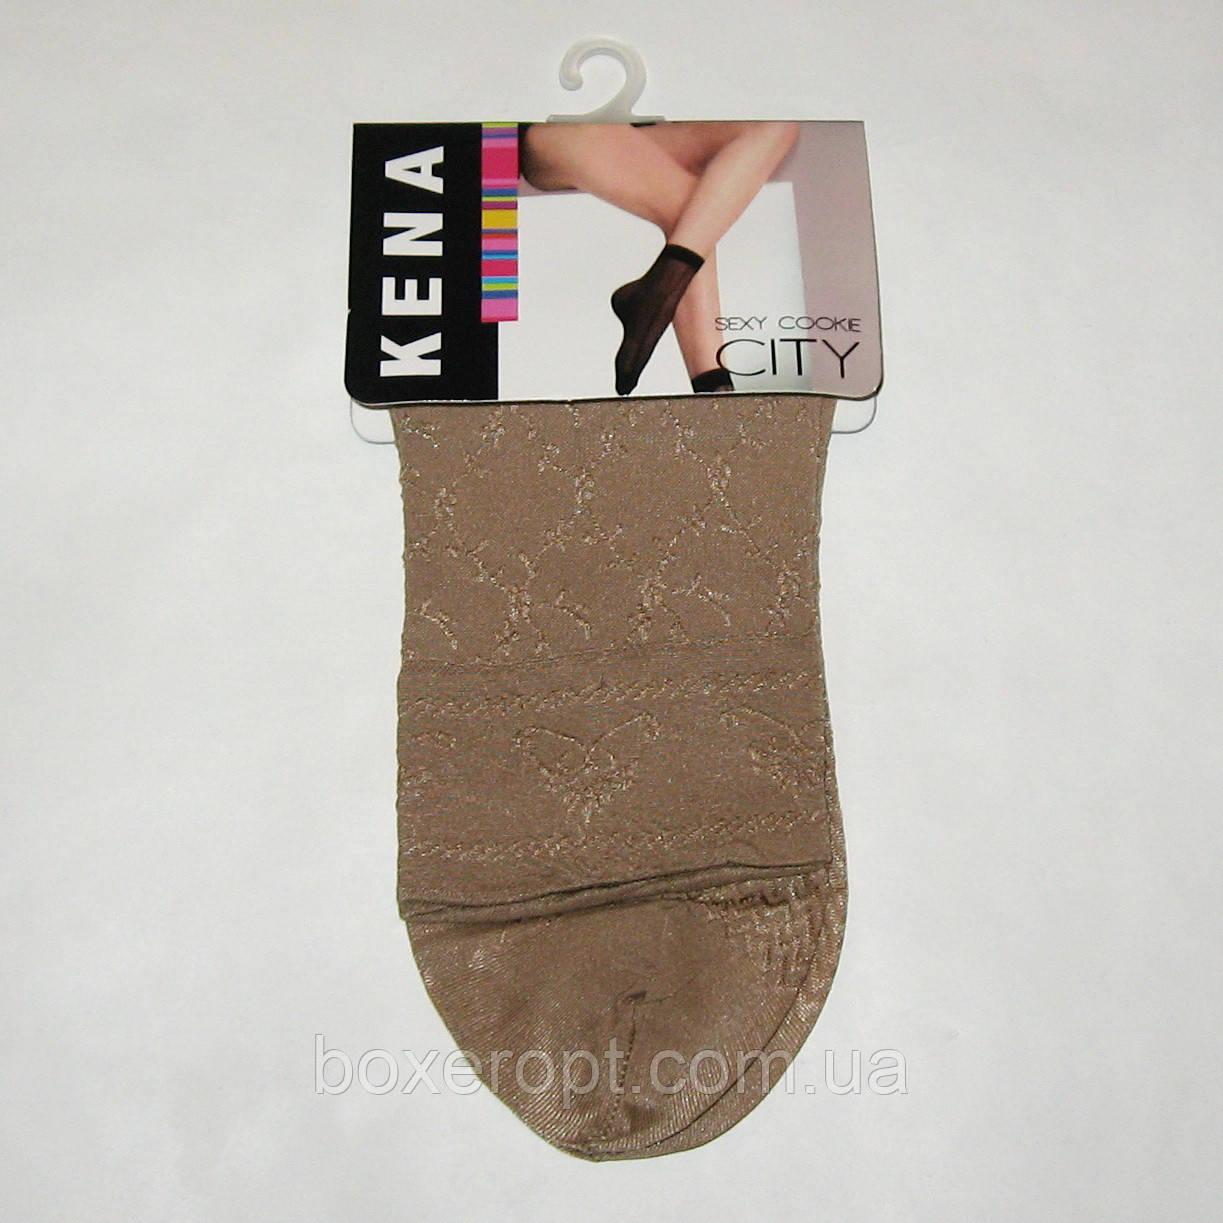 Женские нейлоновые носки Kena - 9.50 грн./пара (бежевые)